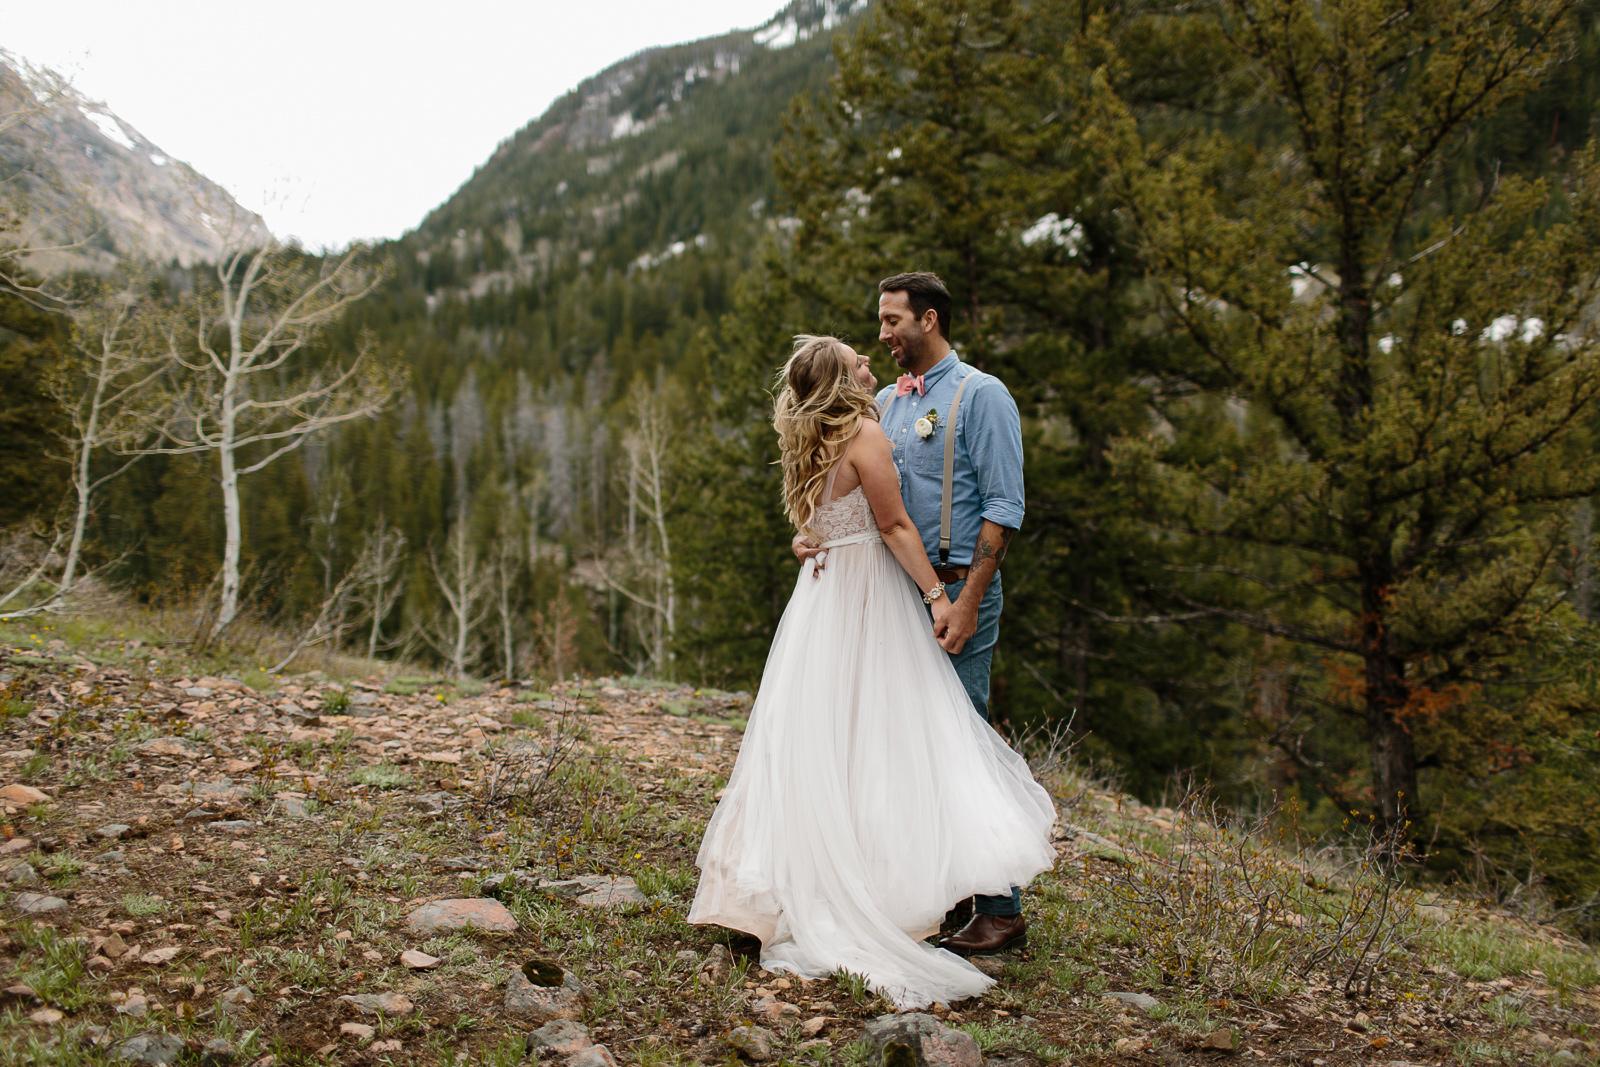 052-vail-elopement-photographer-chris-and-tara.jpg